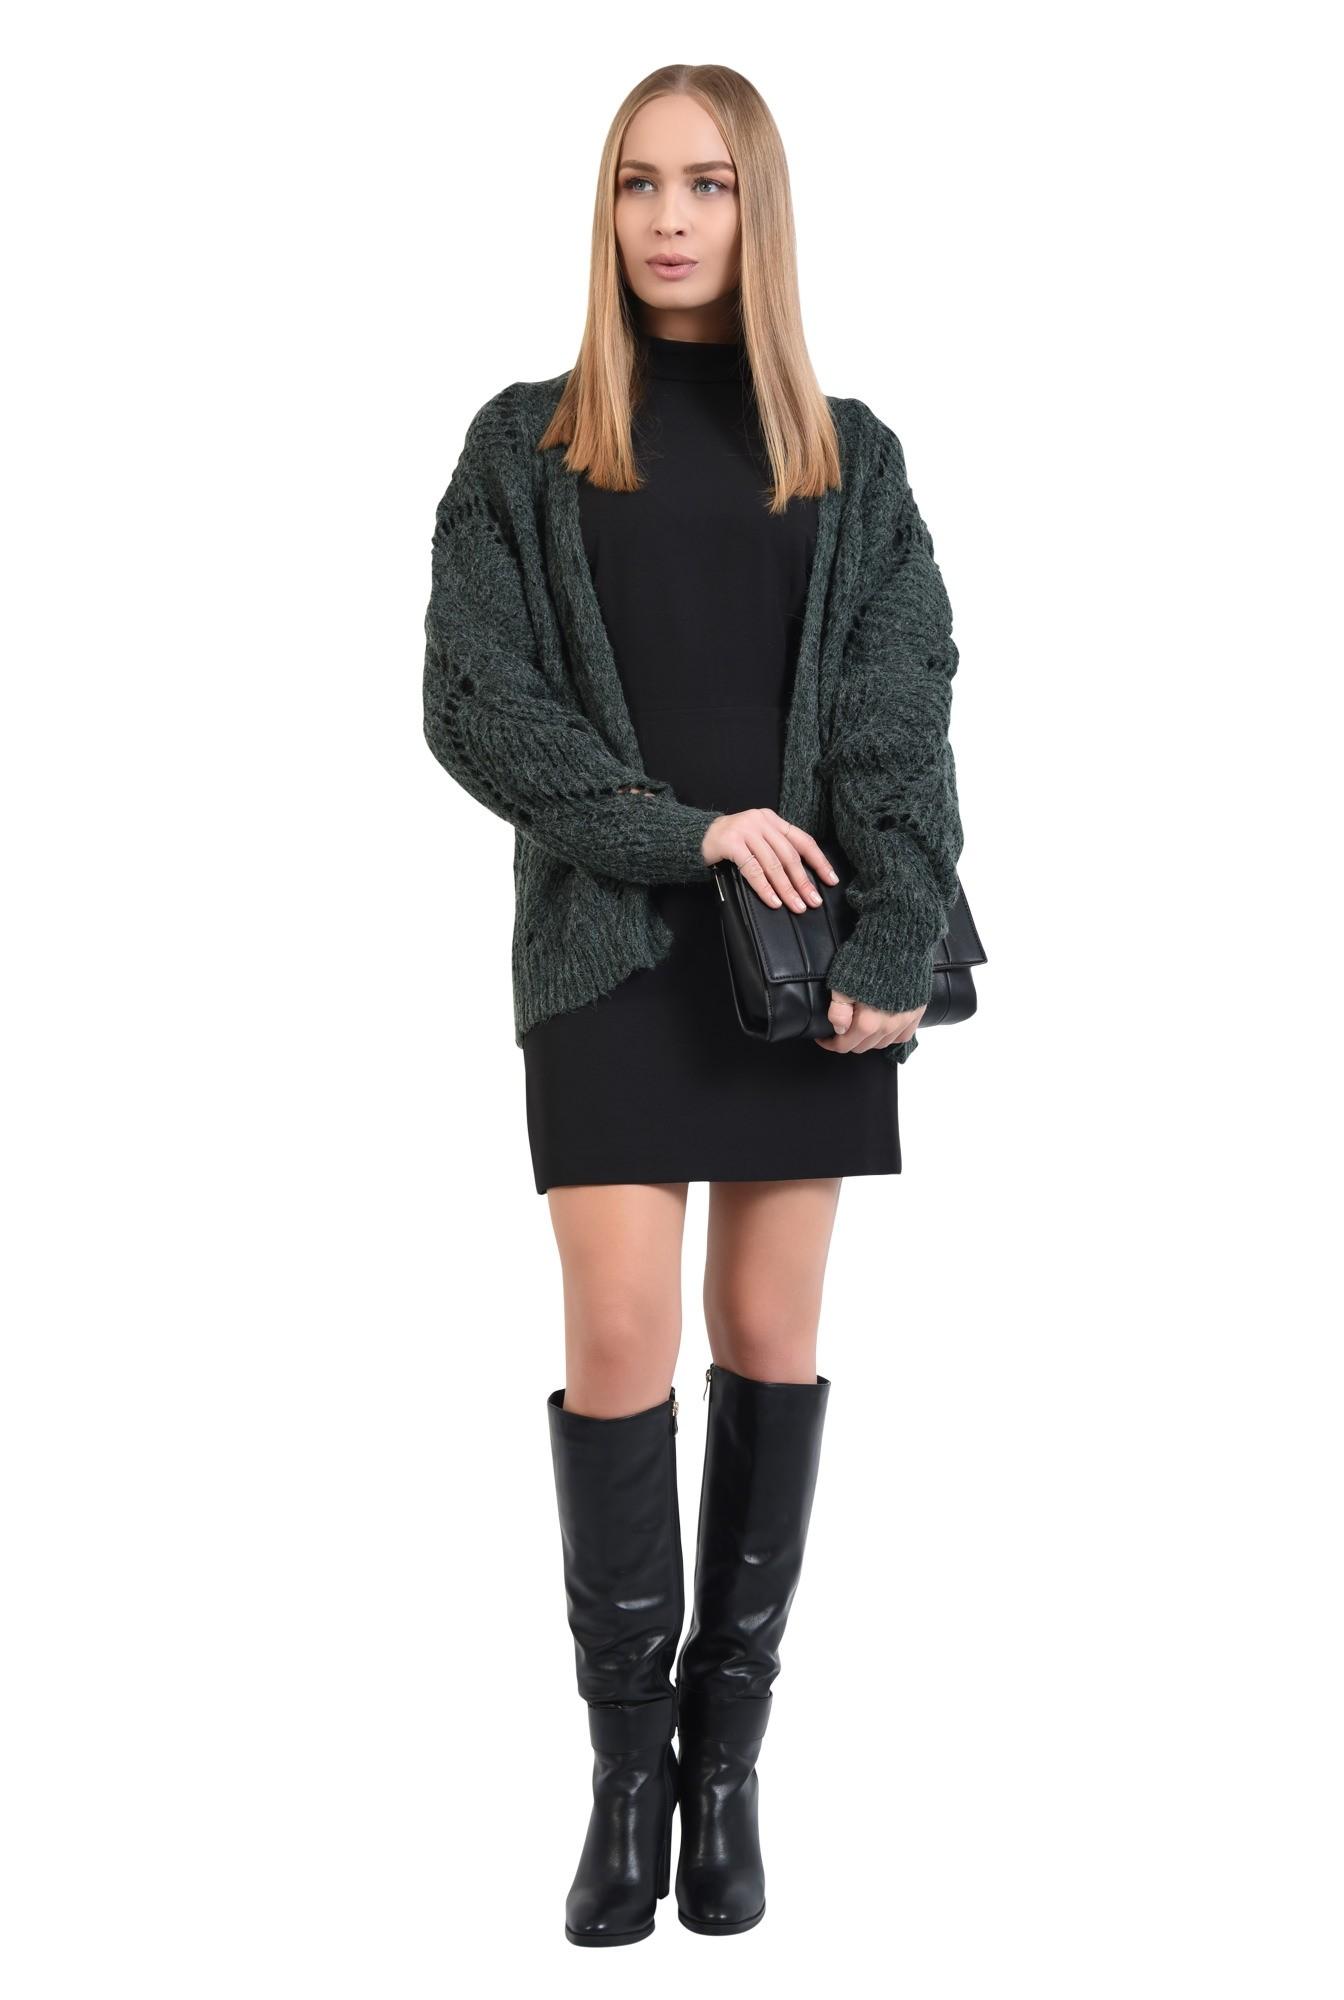 3 - 360 - pulover verde, jacheta tricotata, motive ajurate, cu ochiuri largi